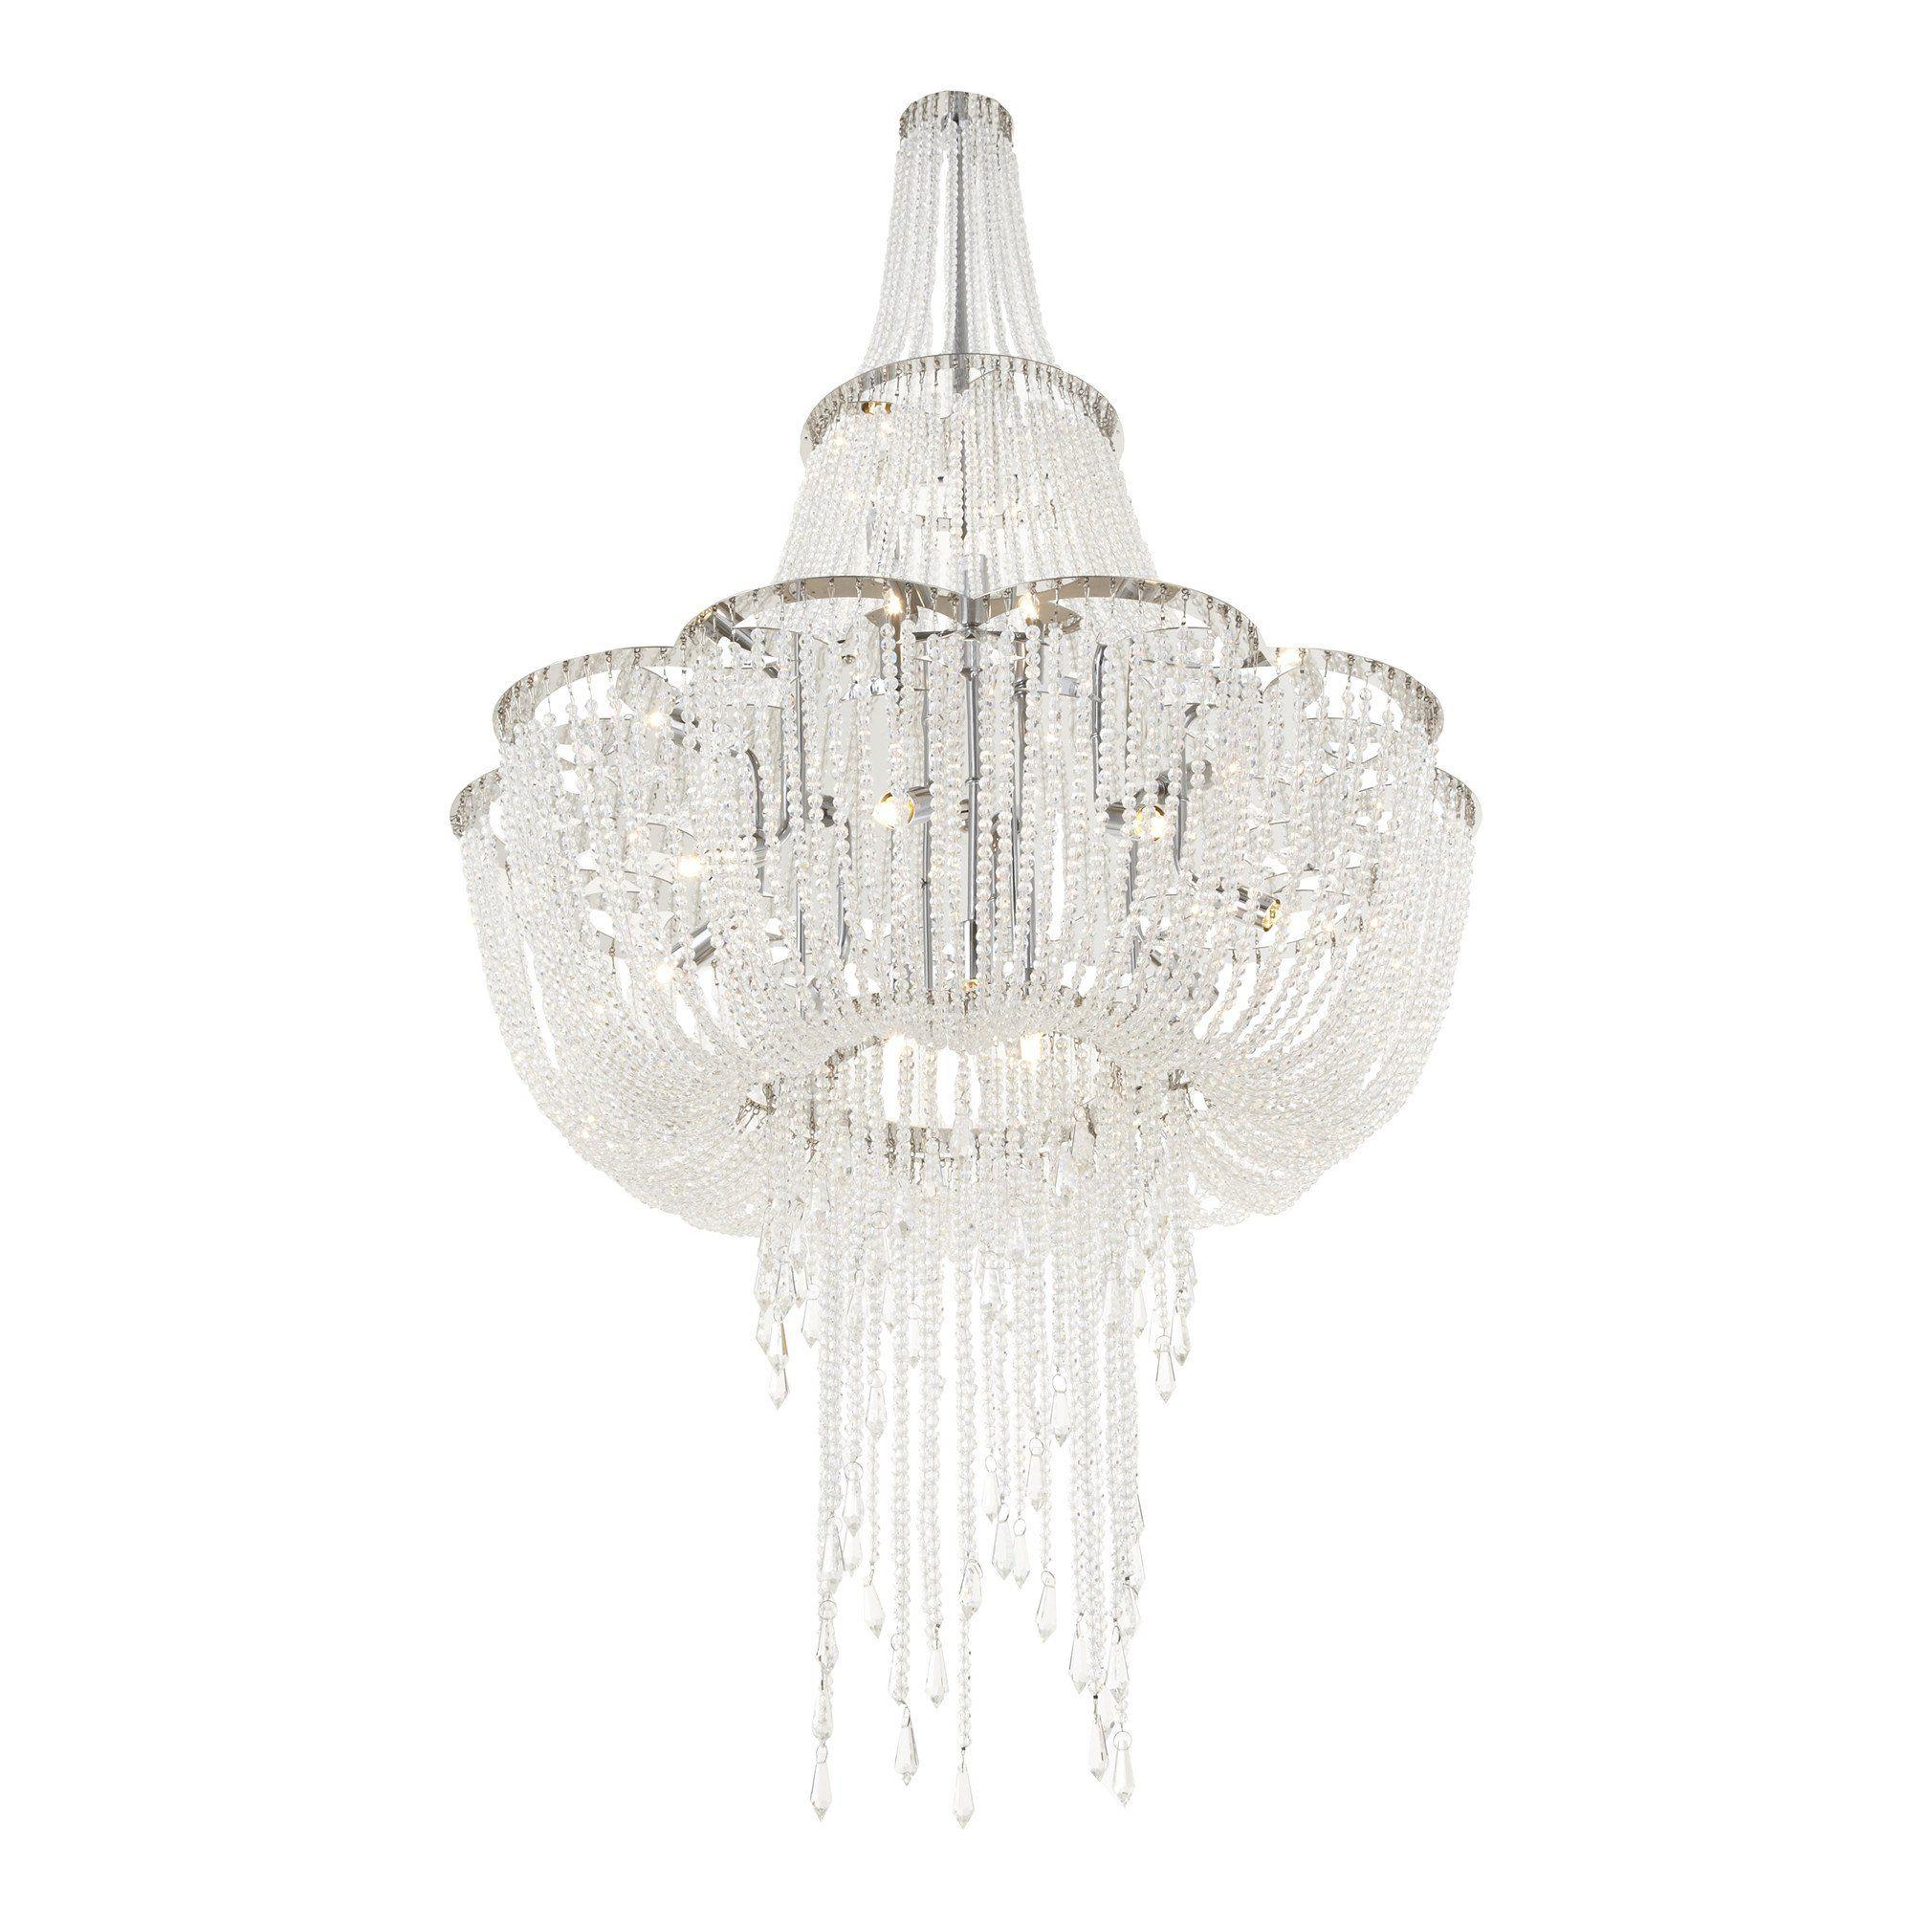 Rv astley monaco crystal chandelier shropshire design